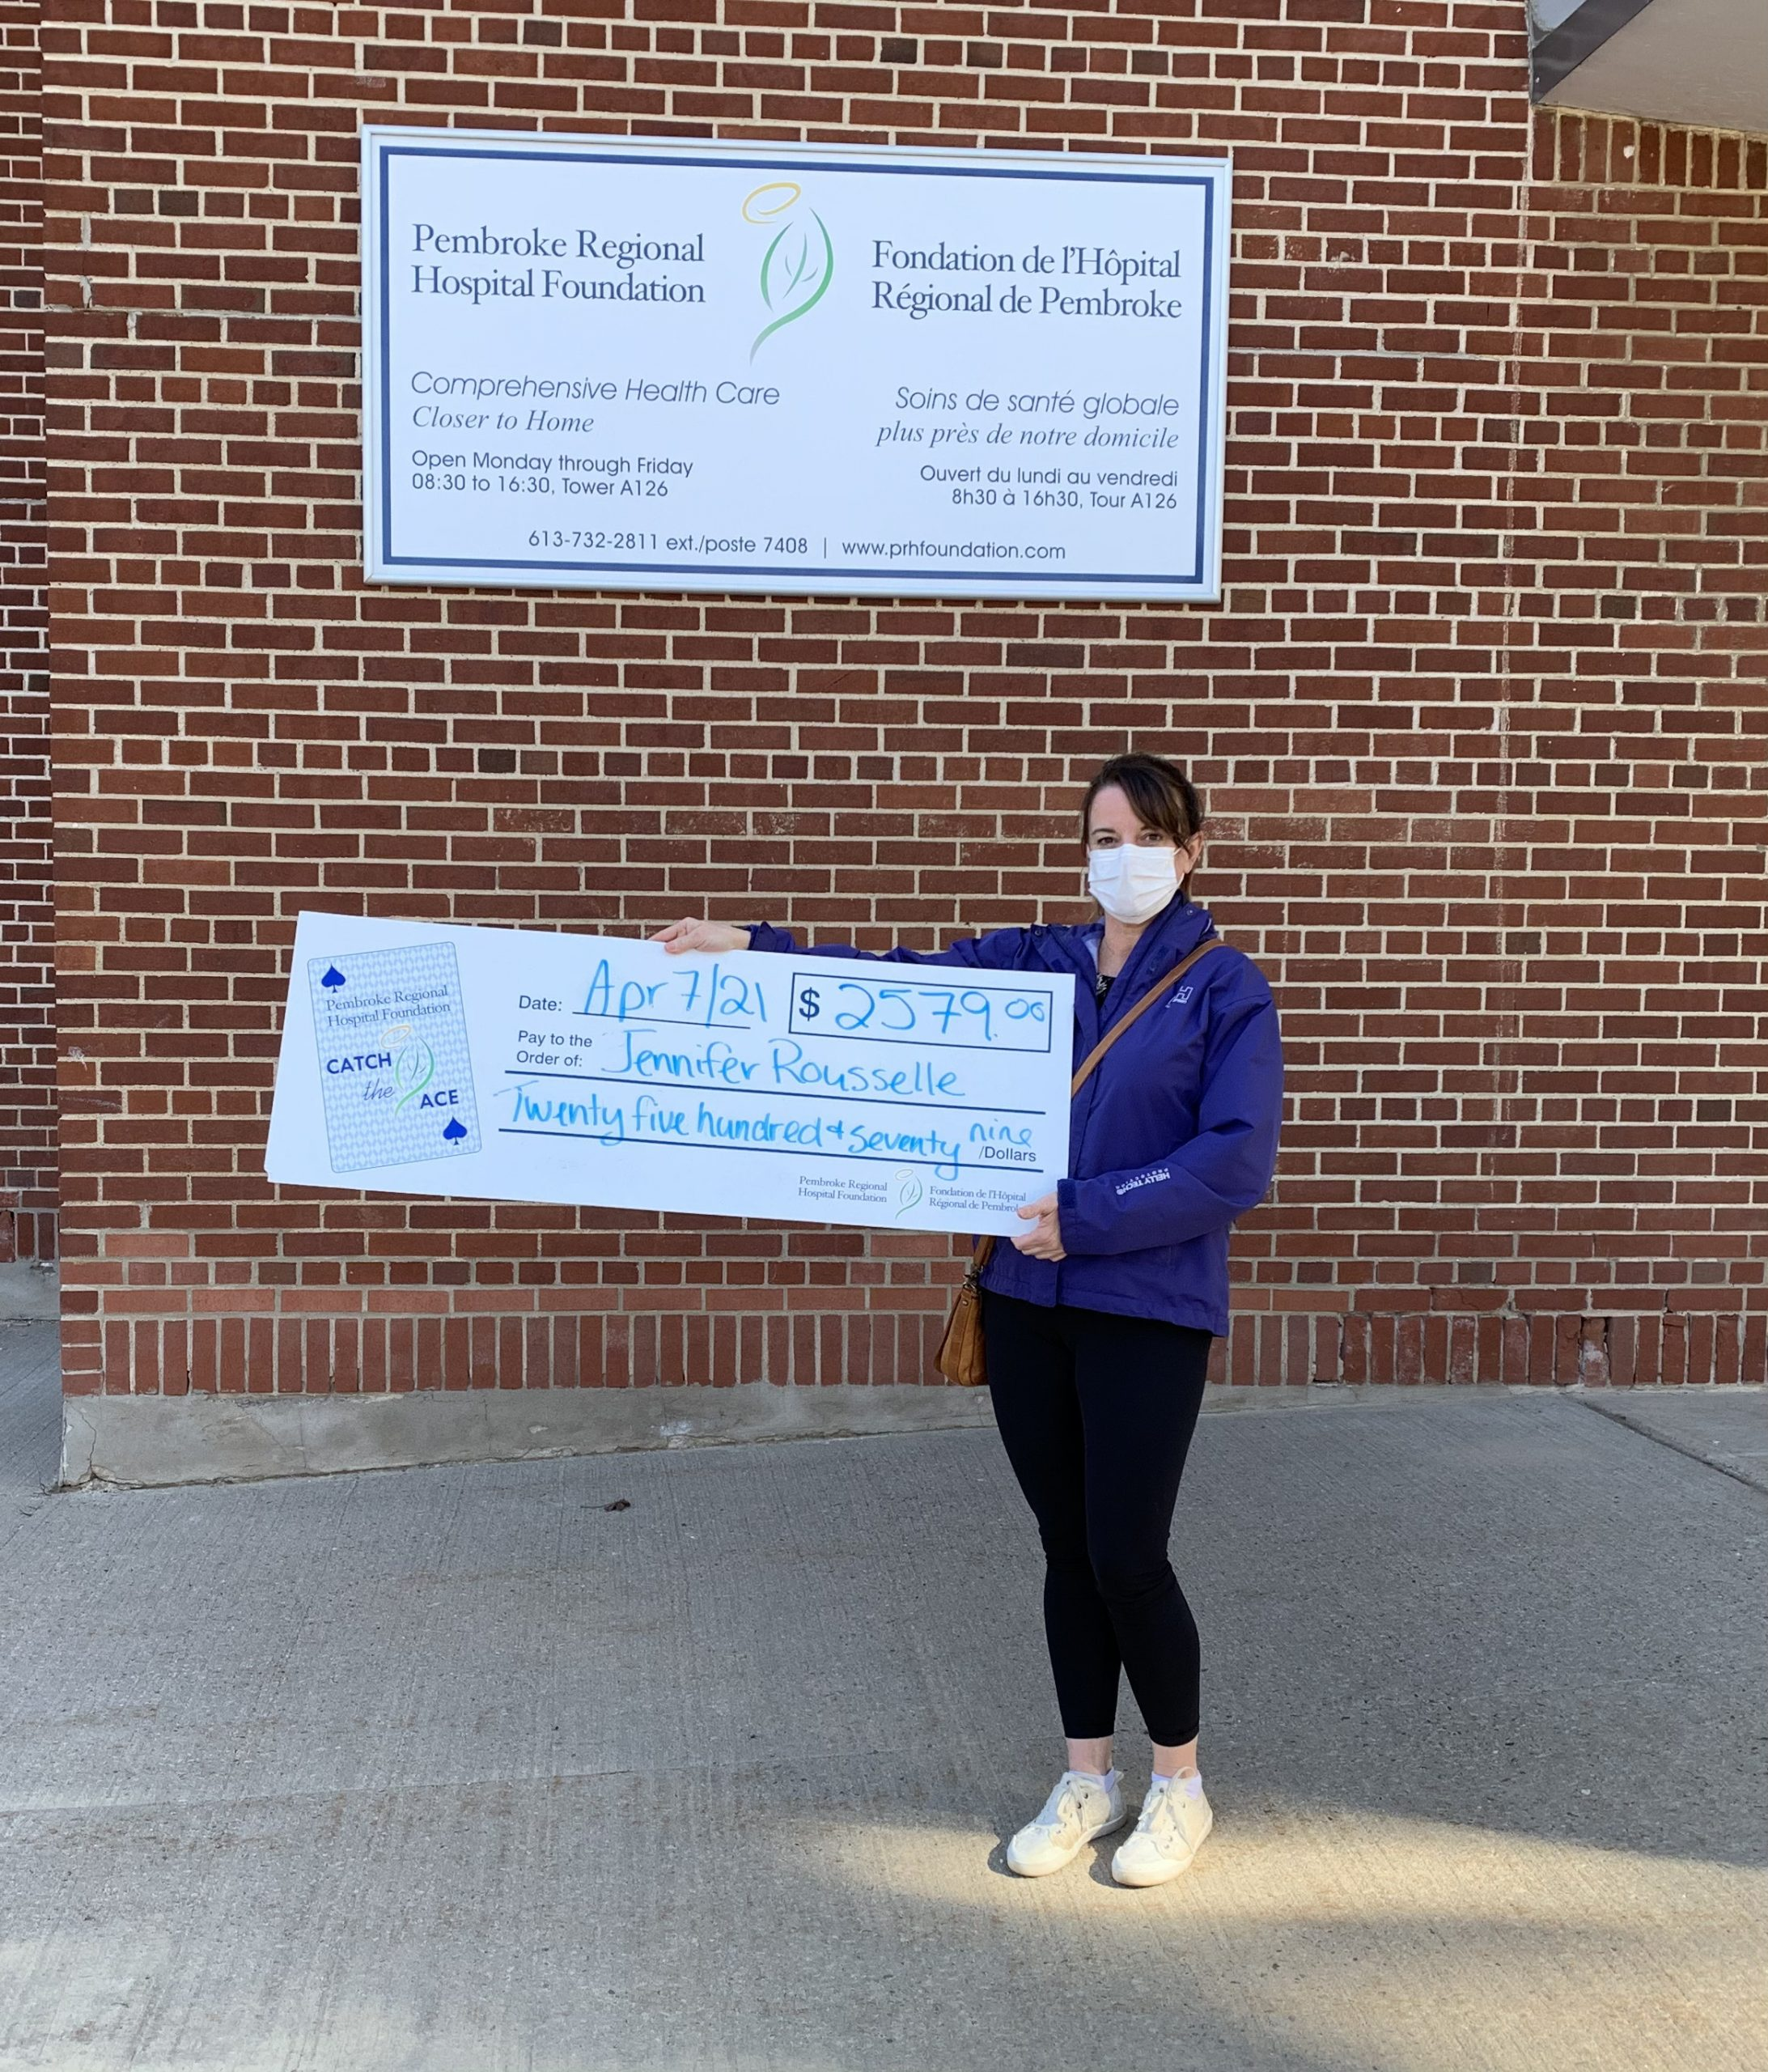 Pembroke Regional Hospital Foundation Catch the Ace Winner